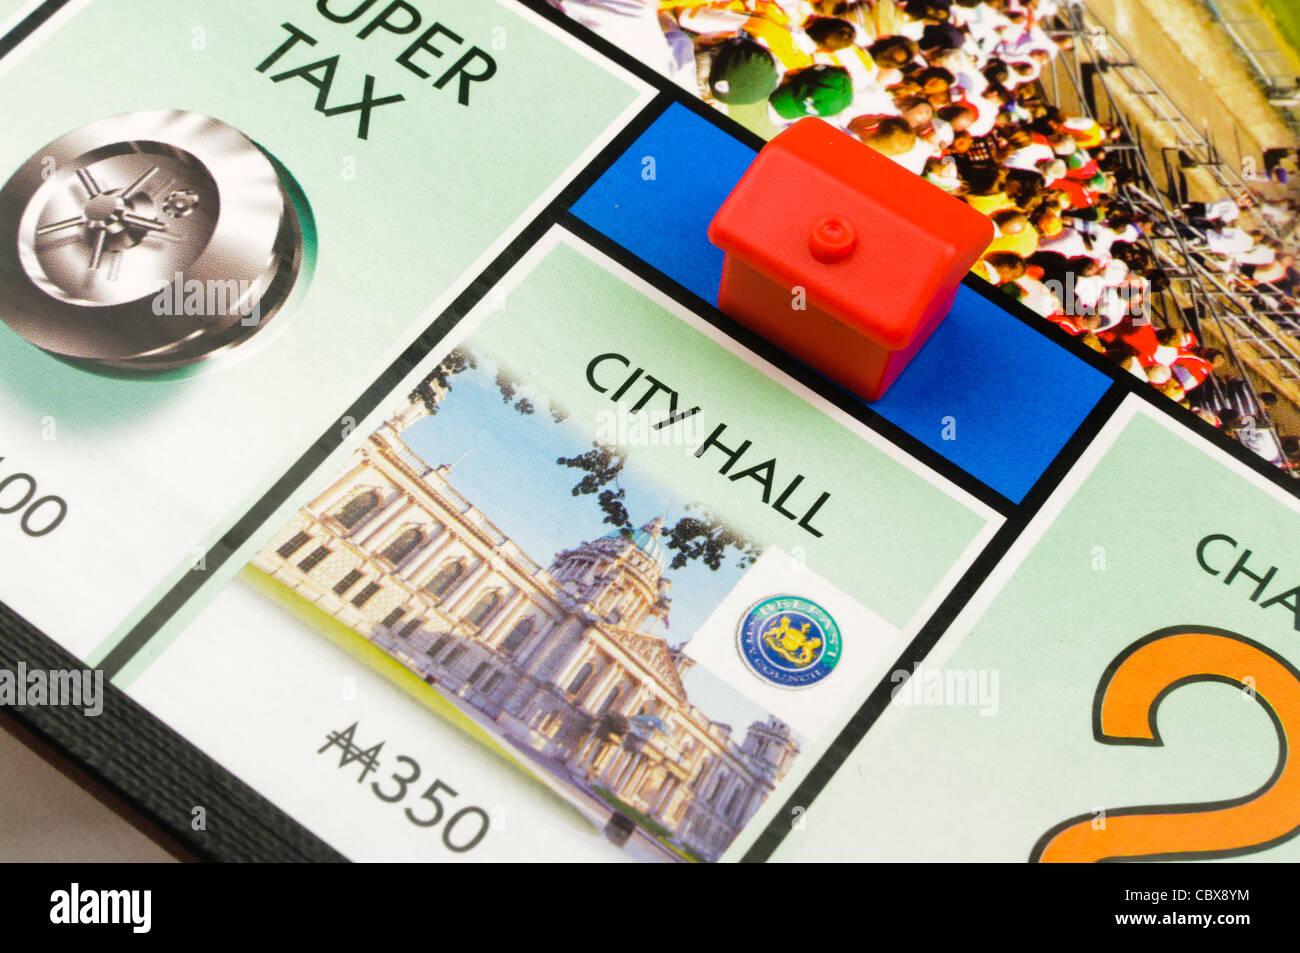 Belfast-Monopol: Bau eines Hotels im Rathaus Stockbild